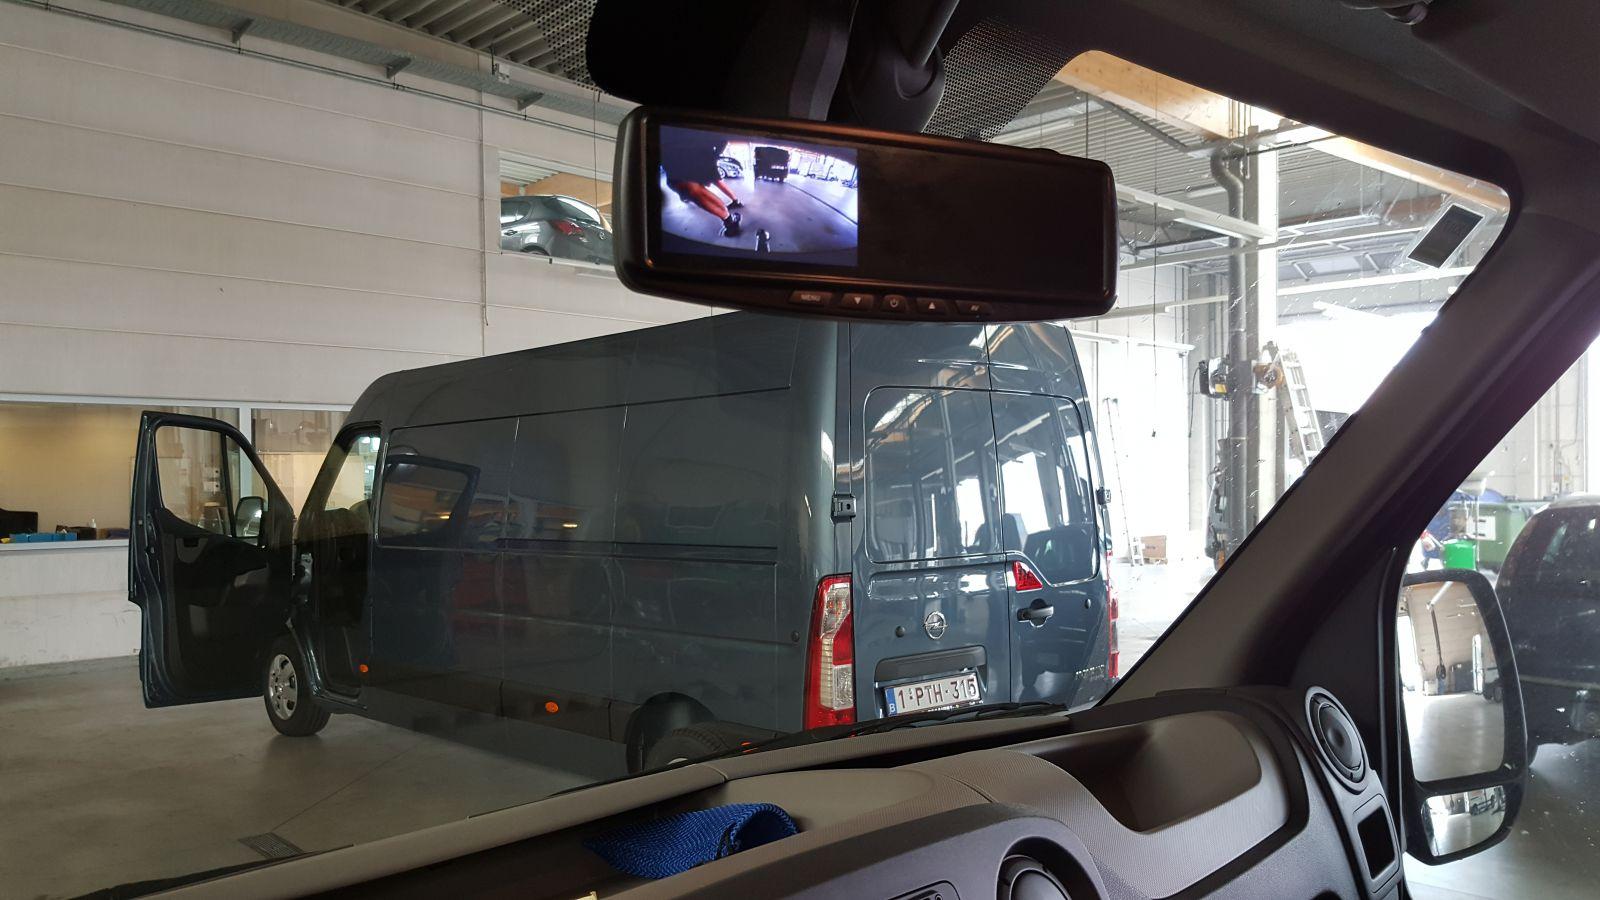 Spiegelmonitor voor Camera beeld